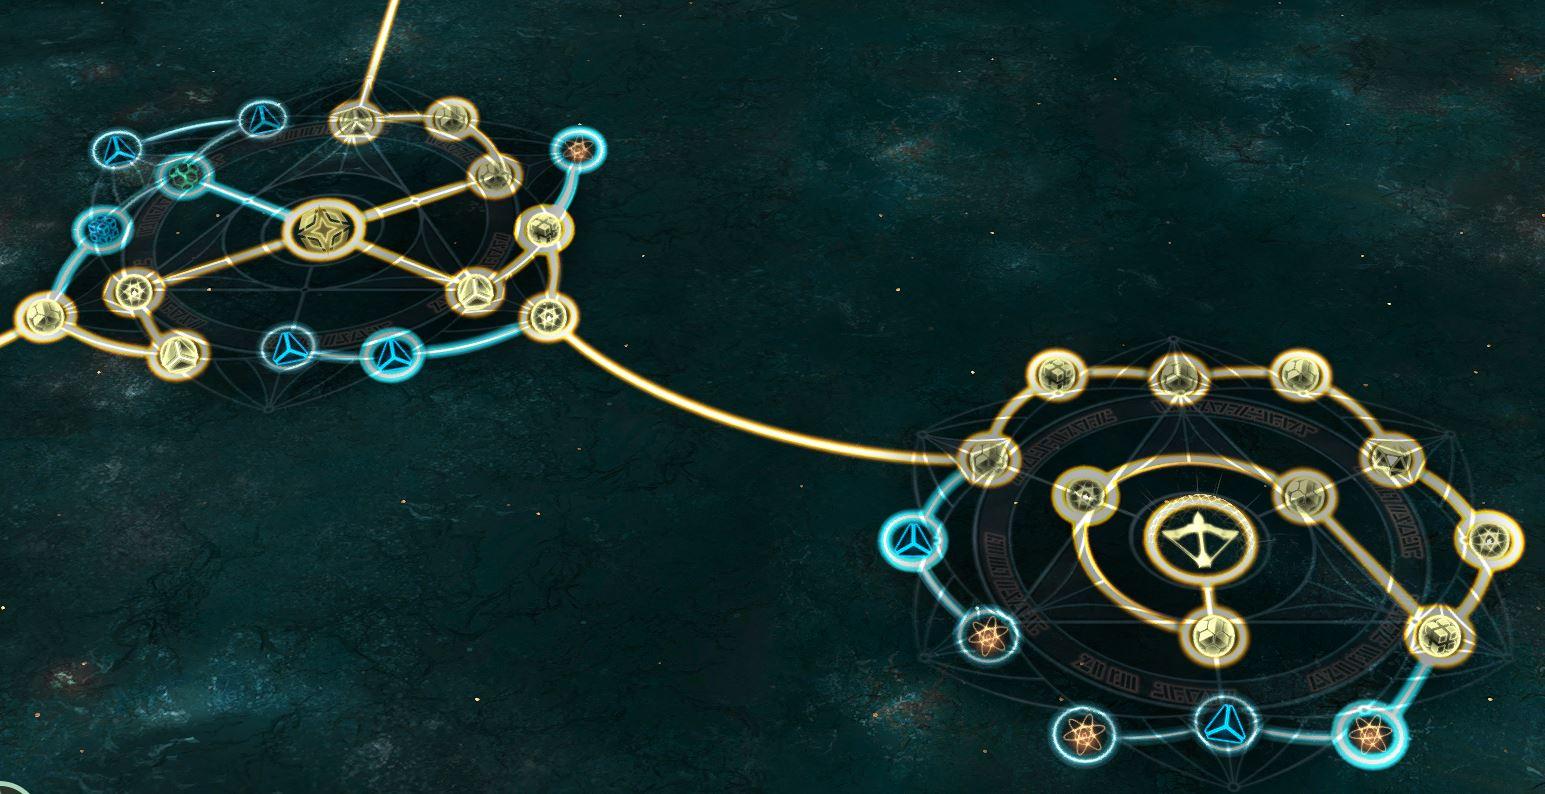 Skyforge : Comment bien commencer et ne pas perdre son temps 10